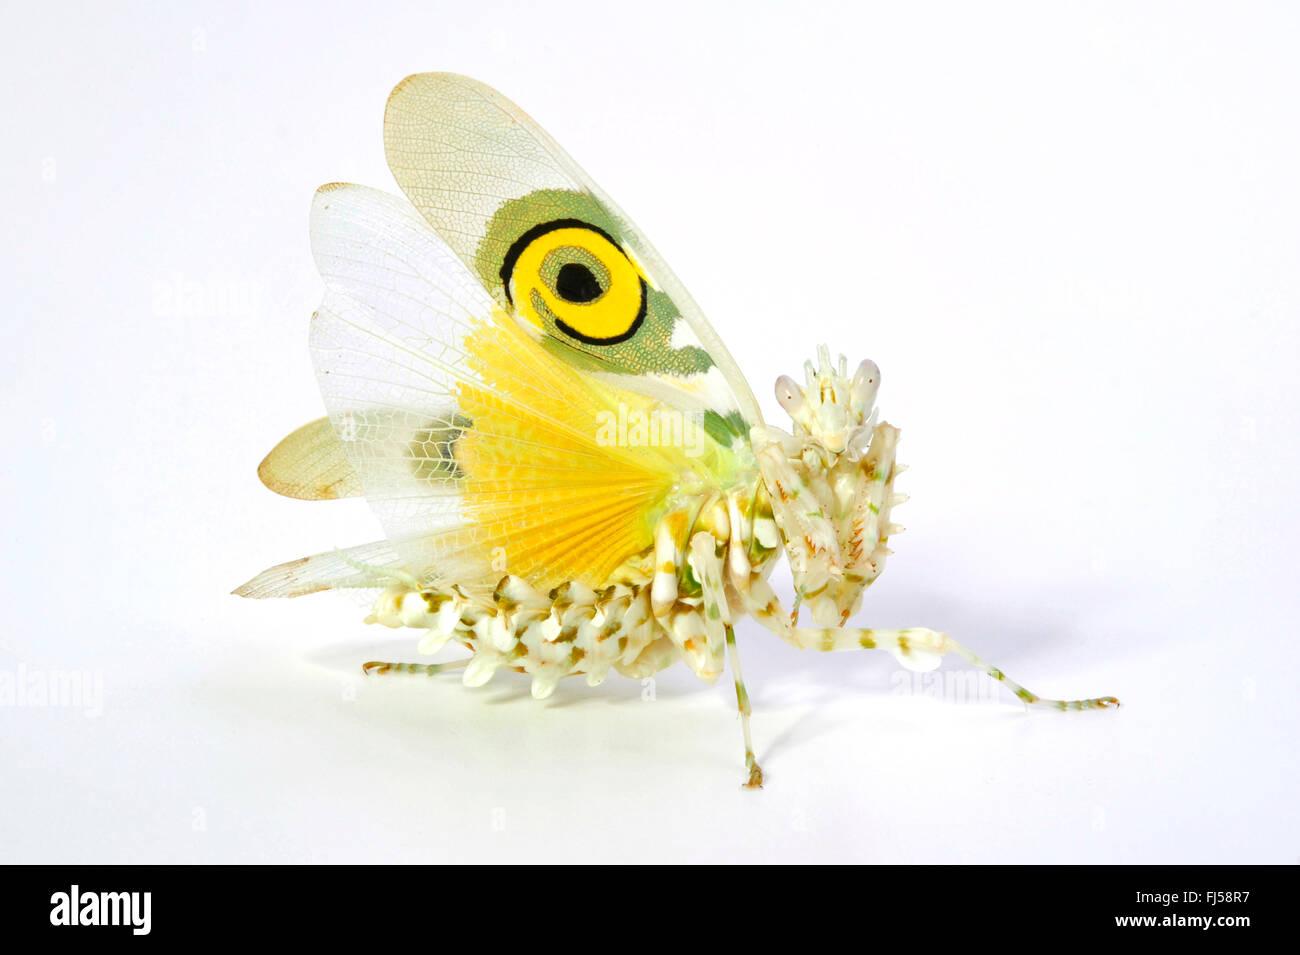 Mantis api